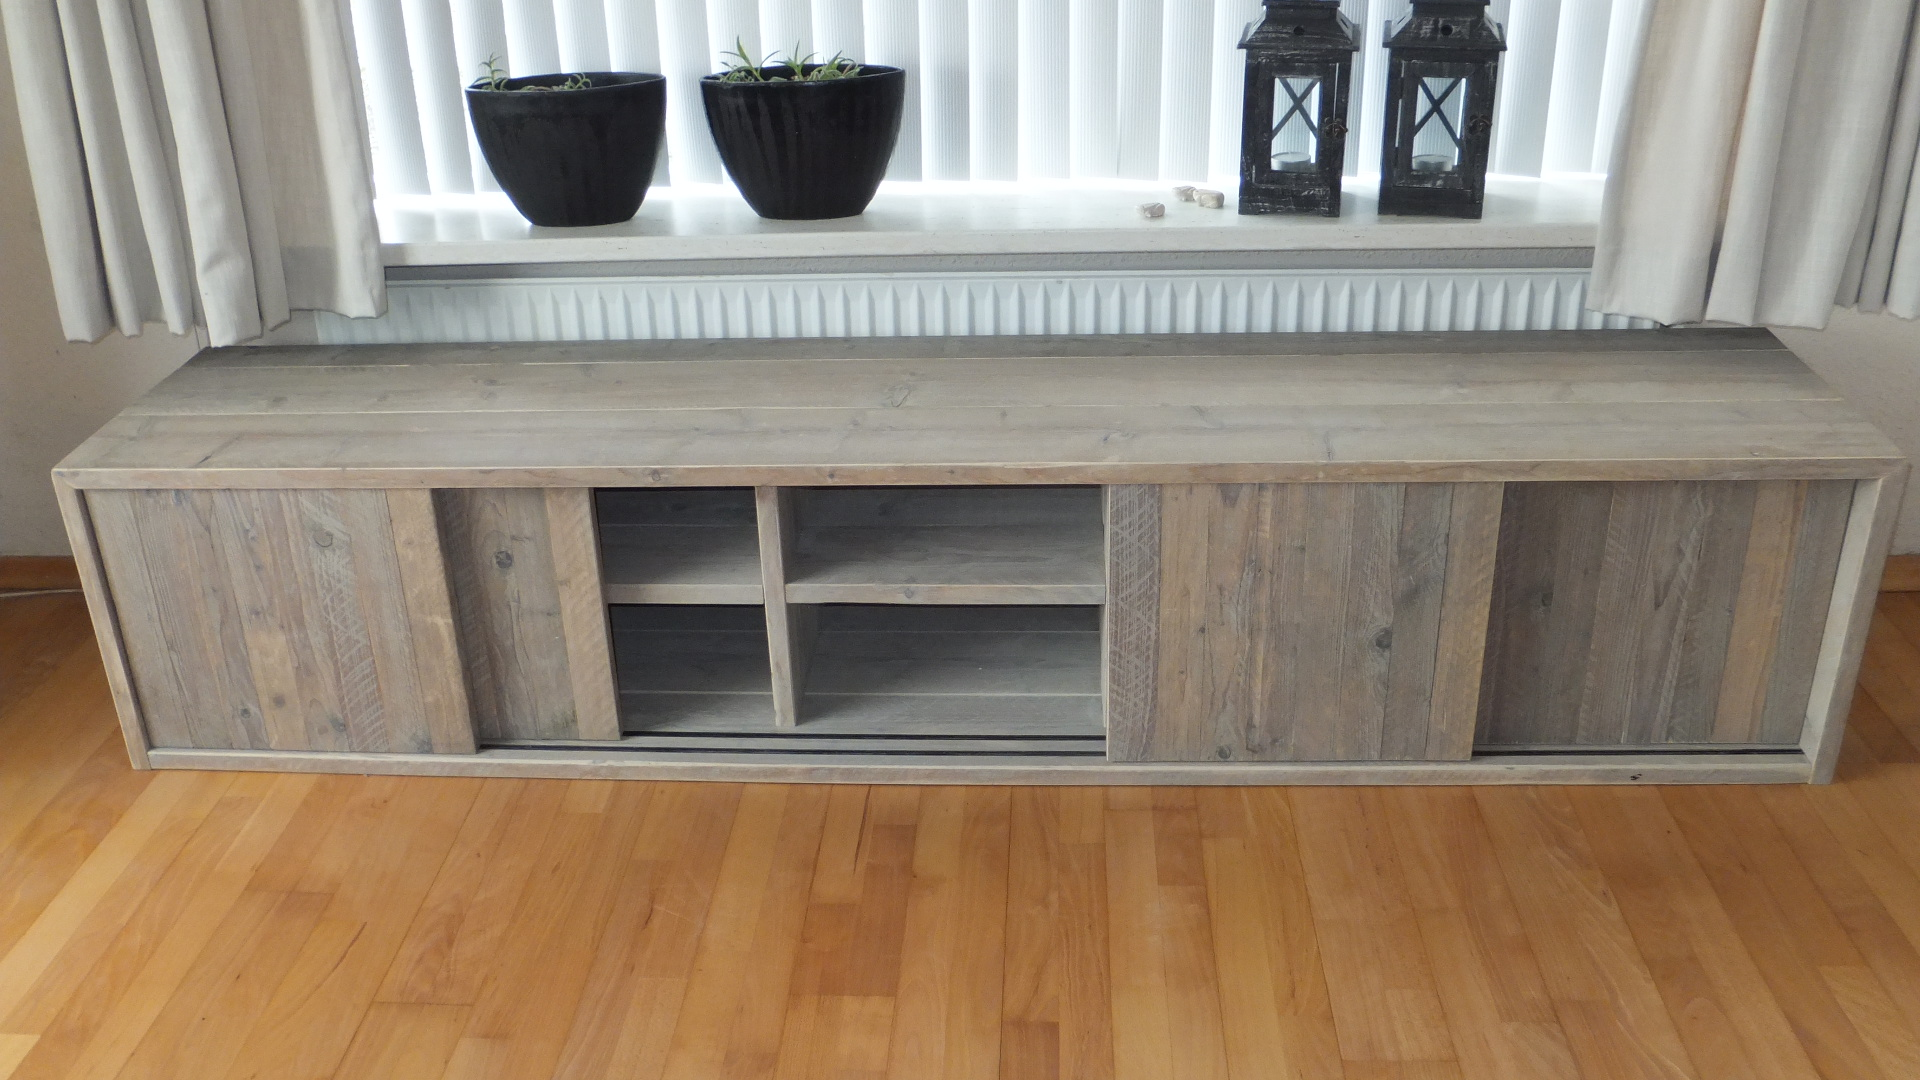 cheap excellent tv meubel zelf maken steigerhout houten kast op maat laten maken with tv kast maken with tv meubel steigerhout zelf maken